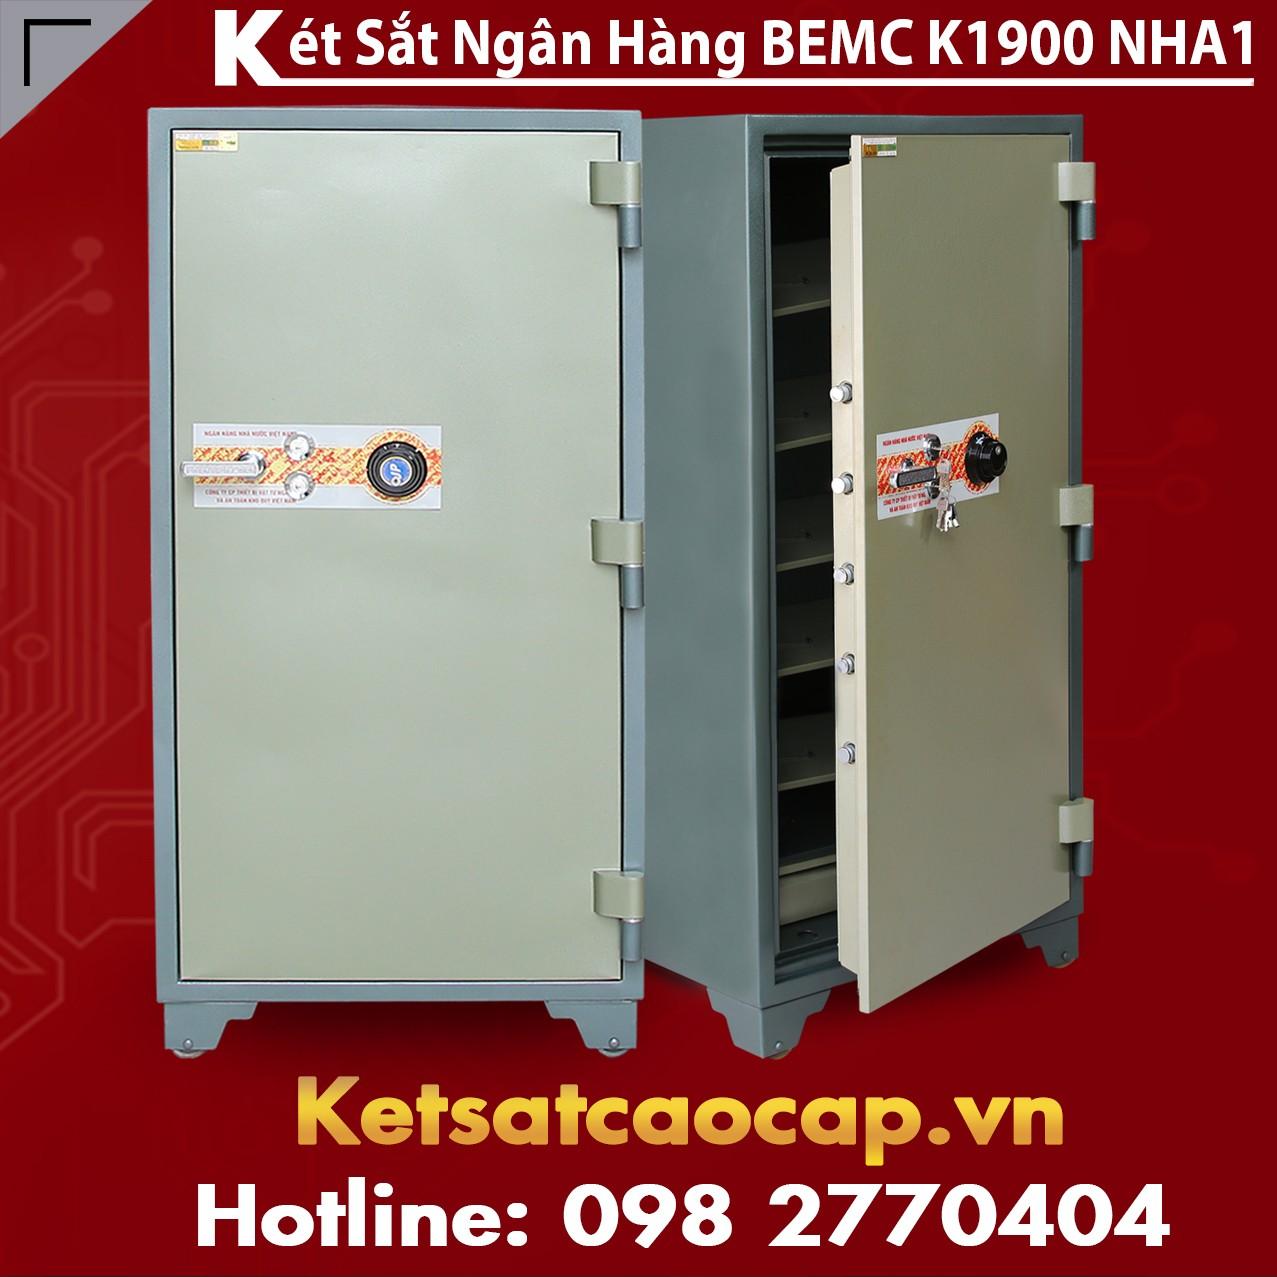 Két Sắt Ngân Hàng BEMC K1900 NHA1 Két Sắt Bán Chạy Nhất Tại Việt Nam